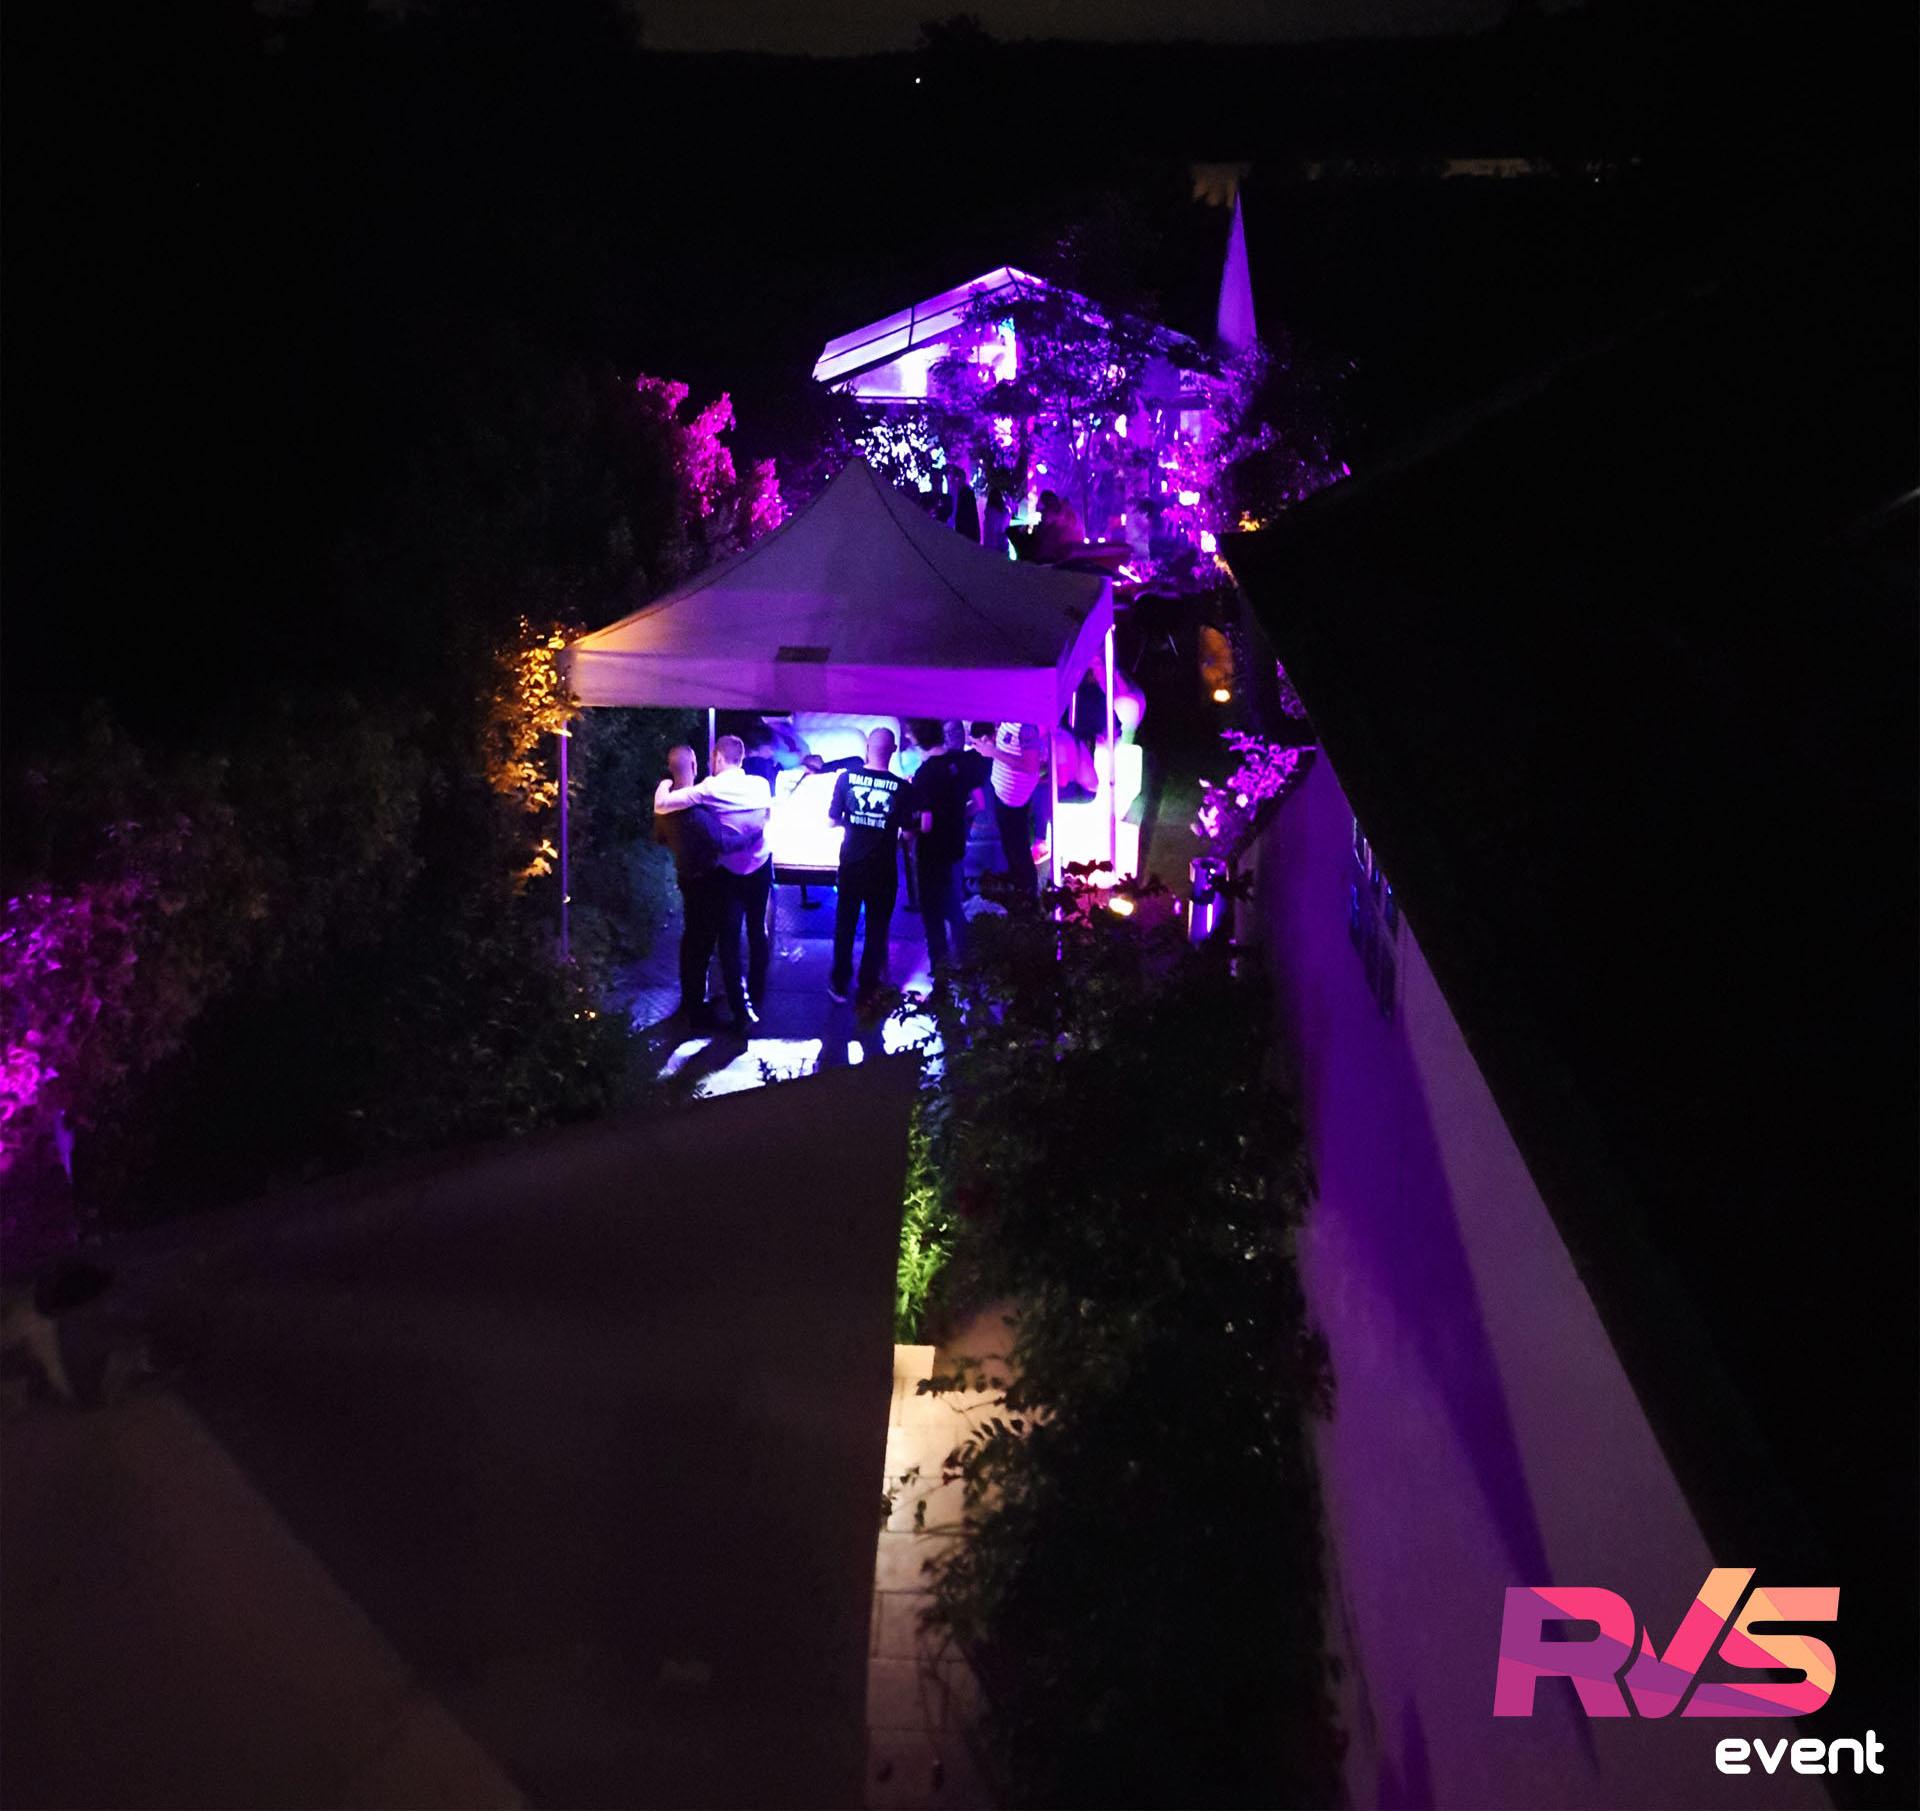 Soirée RVS Event